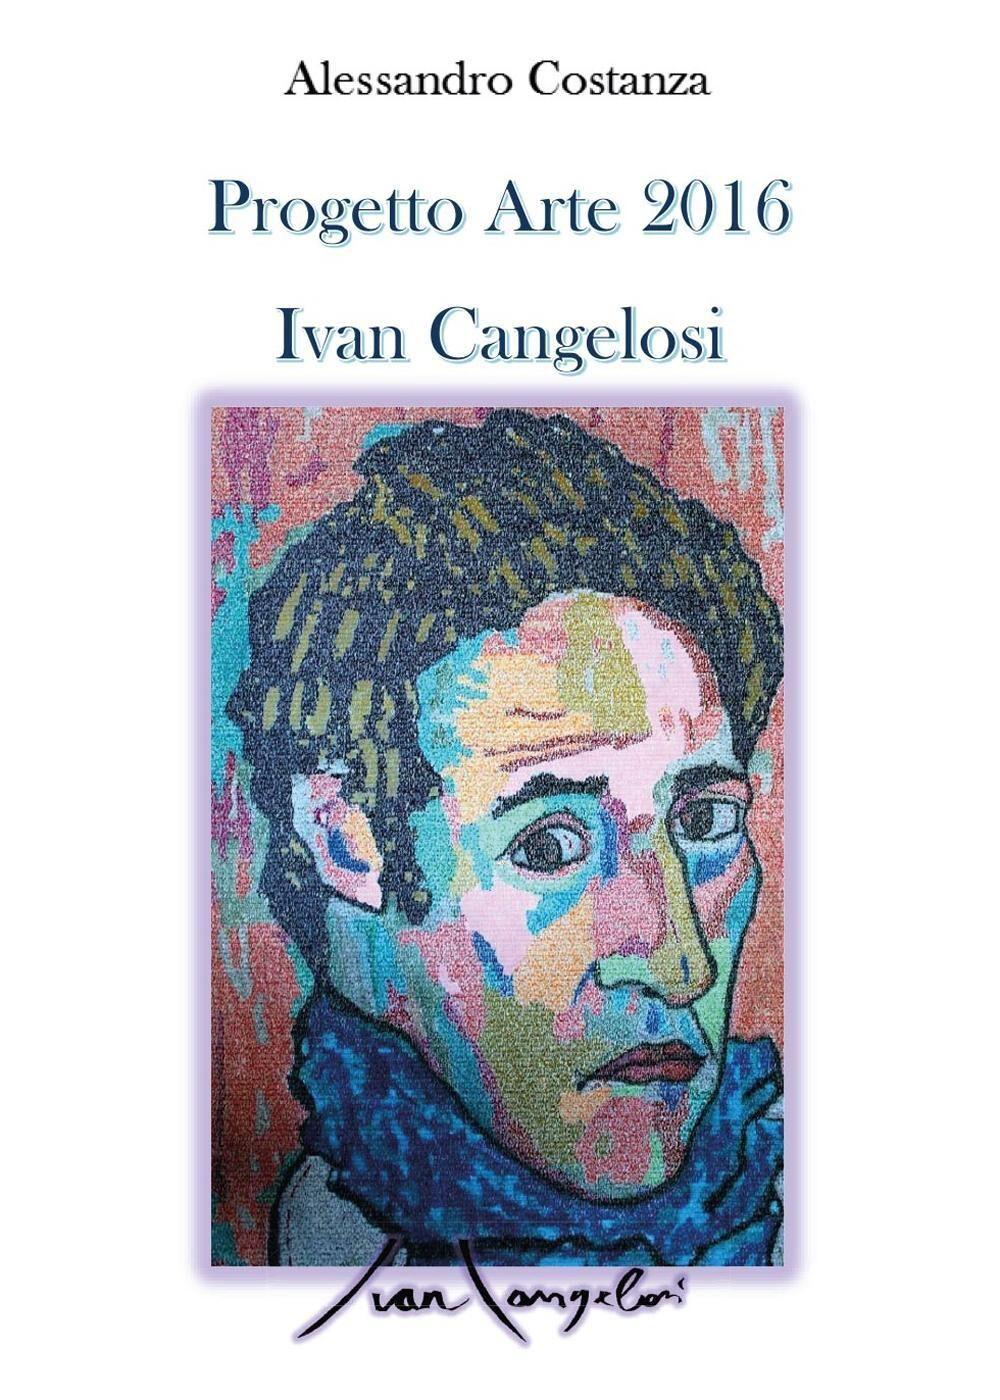 Progetto Arte 2016 Ivan Cangelosi